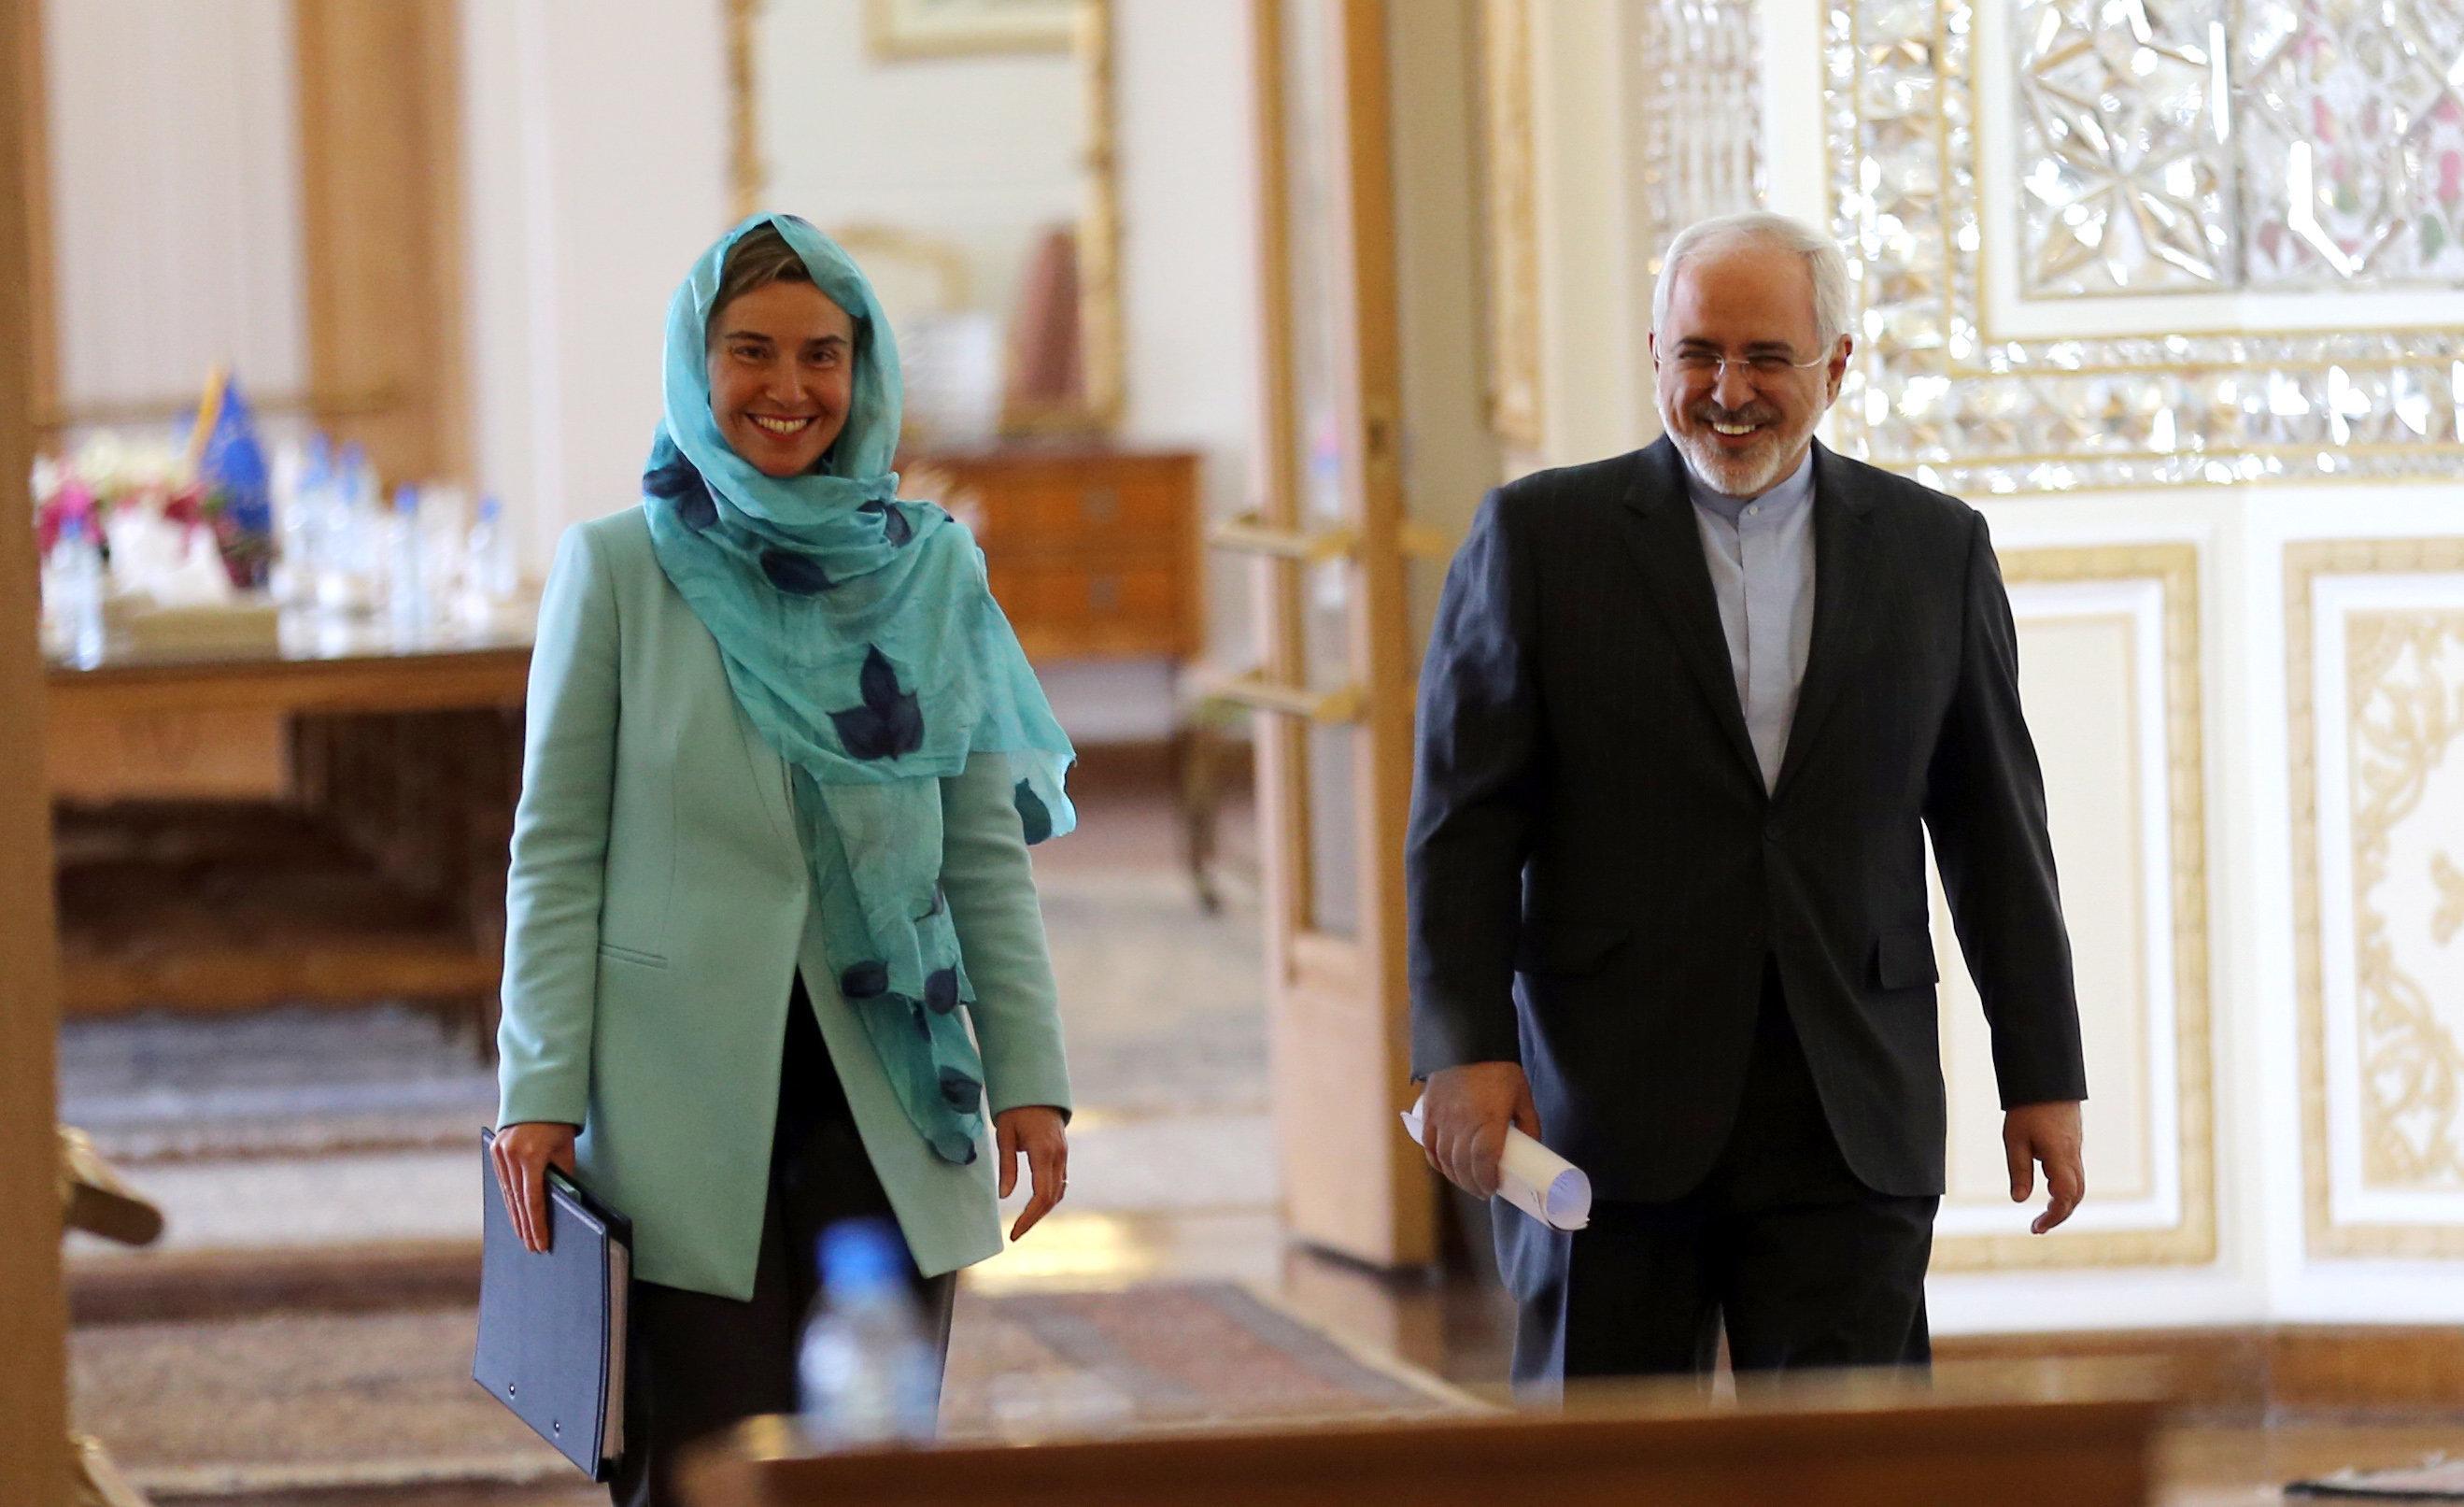 Η ΕΕ δημιουργεί ειδικό φορέα για να συνεχίσει τις συναλλαγές με τον Ιράν παρά τις απειλές